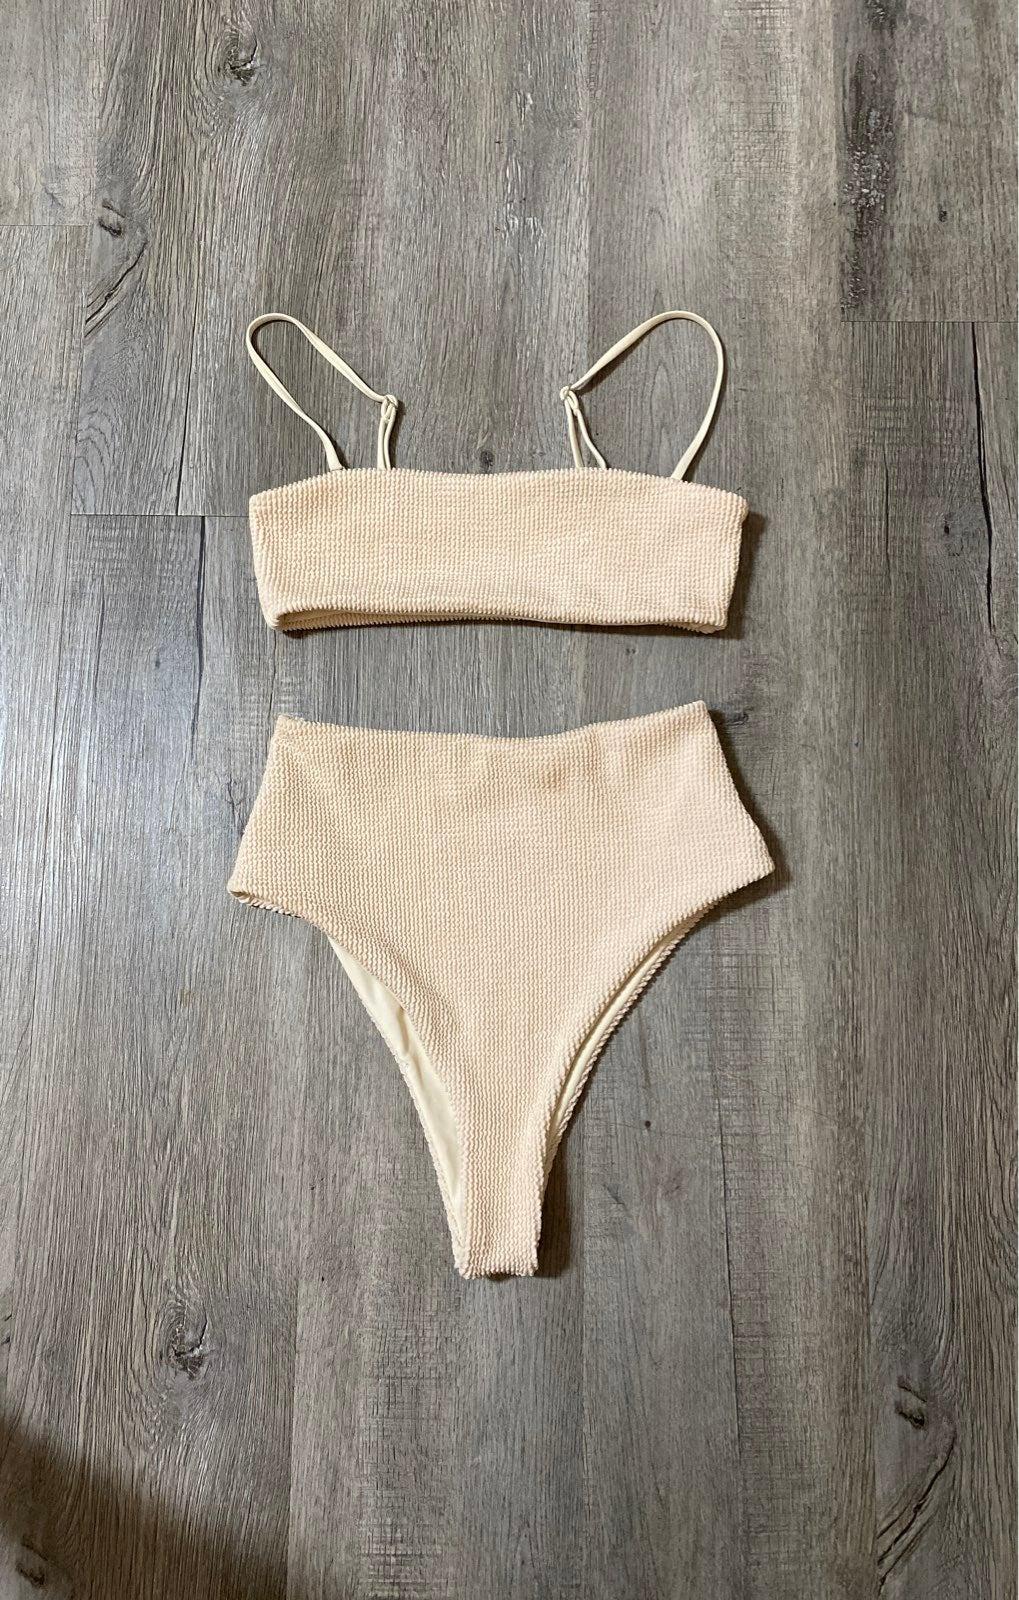 High waisted Amuse Society bikini